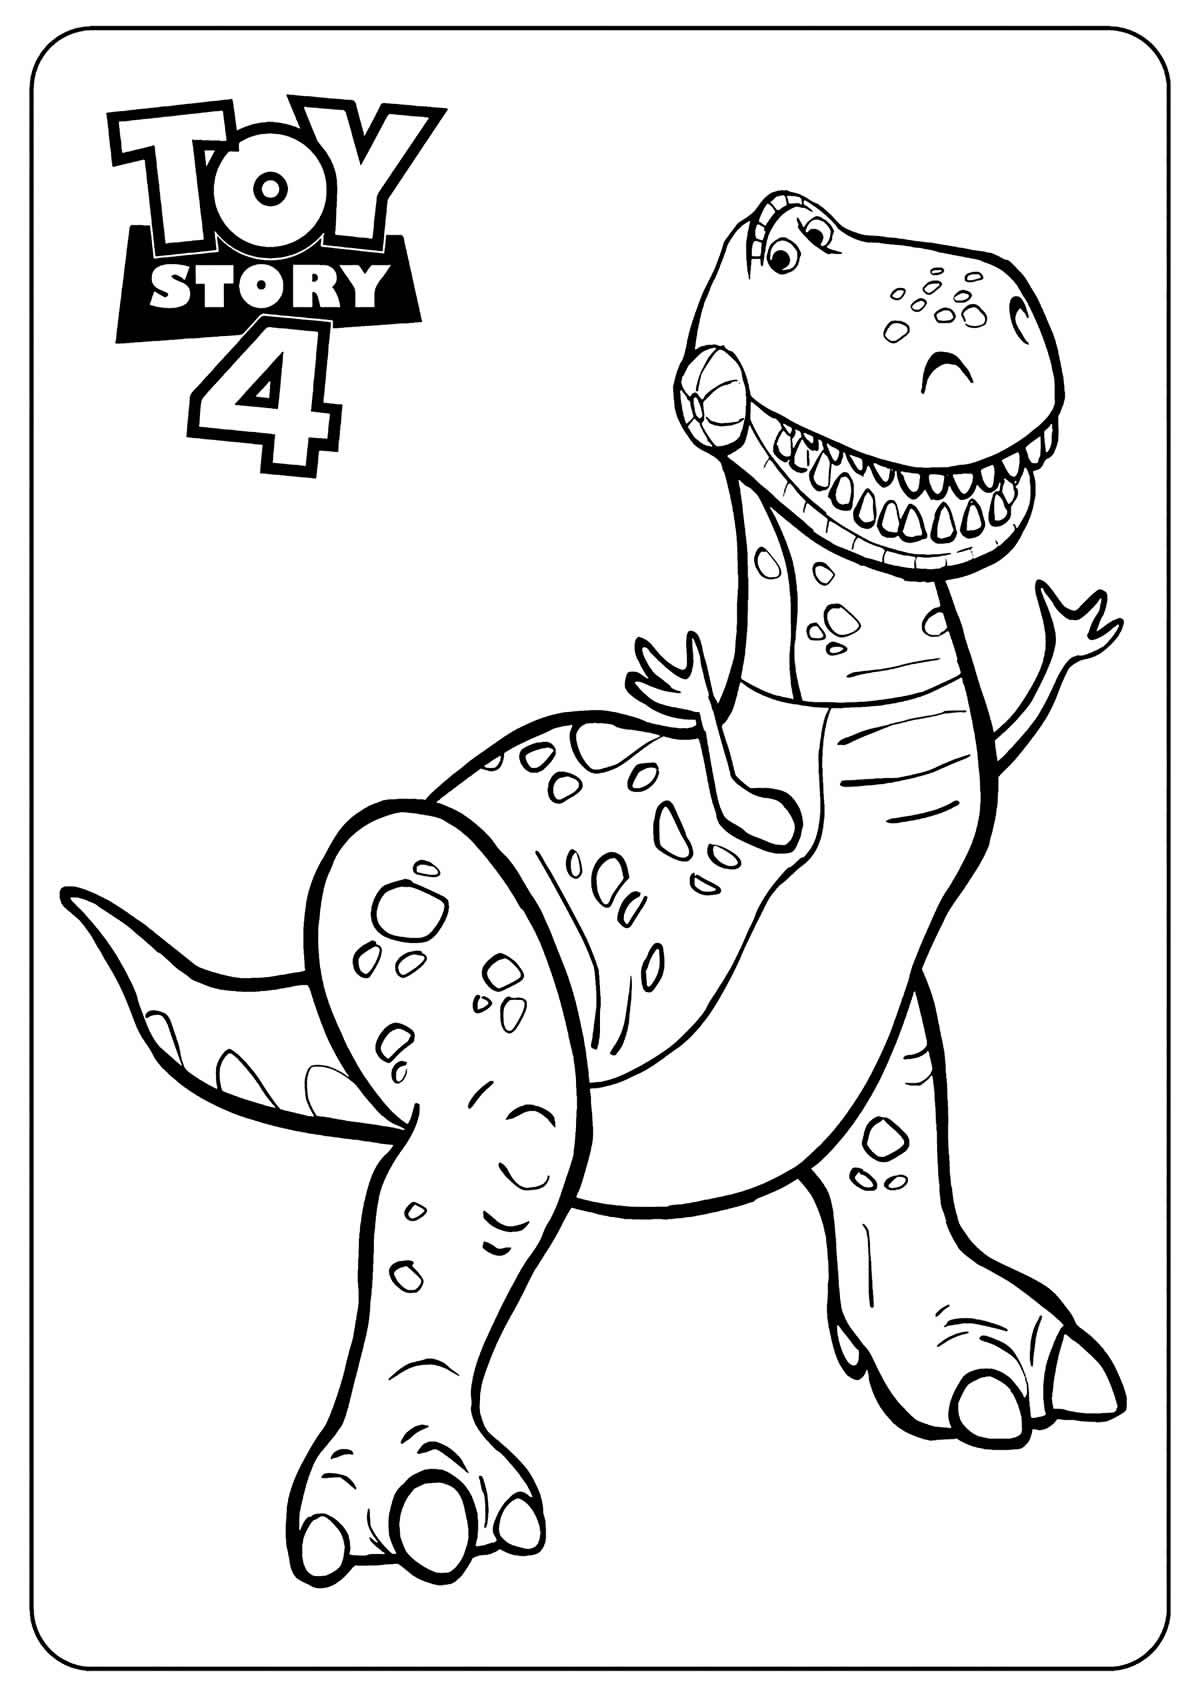 Desenho para colorir de Toy Story 4